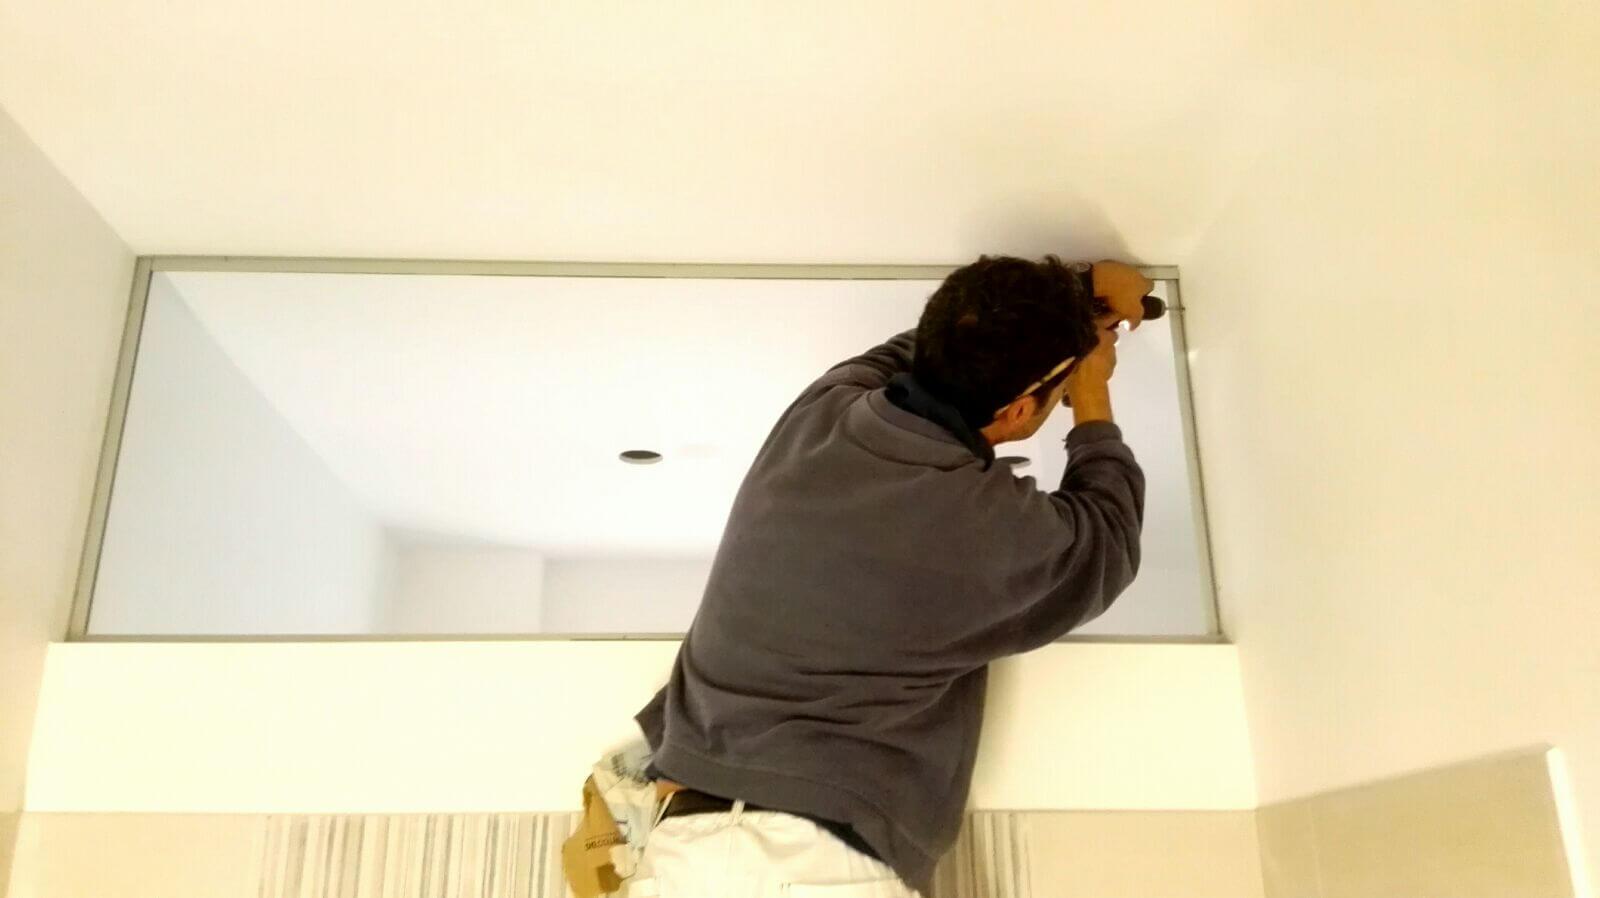 installazione vetro per isolamento acustico Torino - Falegnameria Berardi